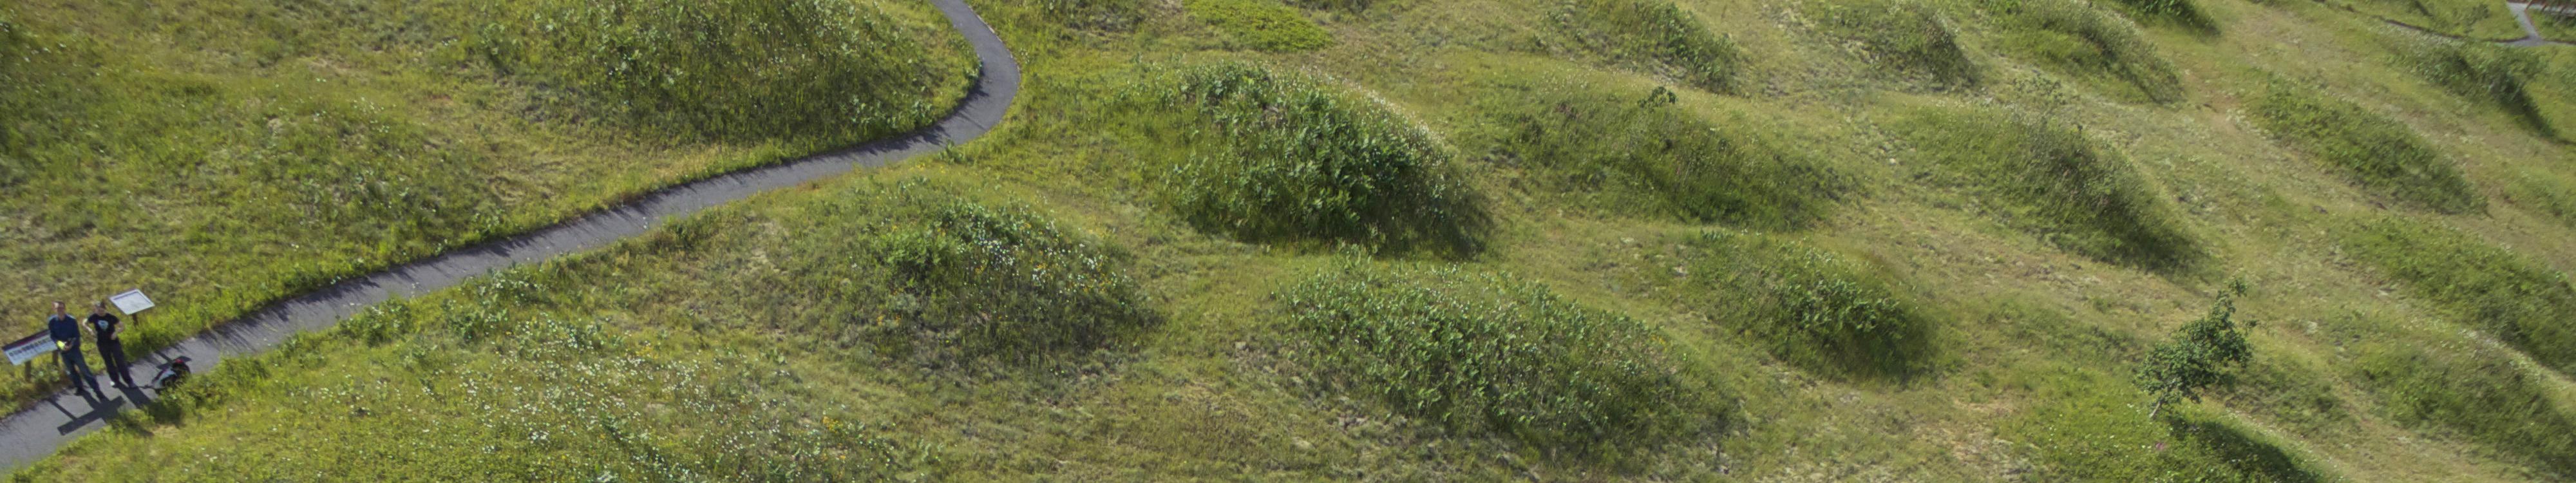 Mima Prairie